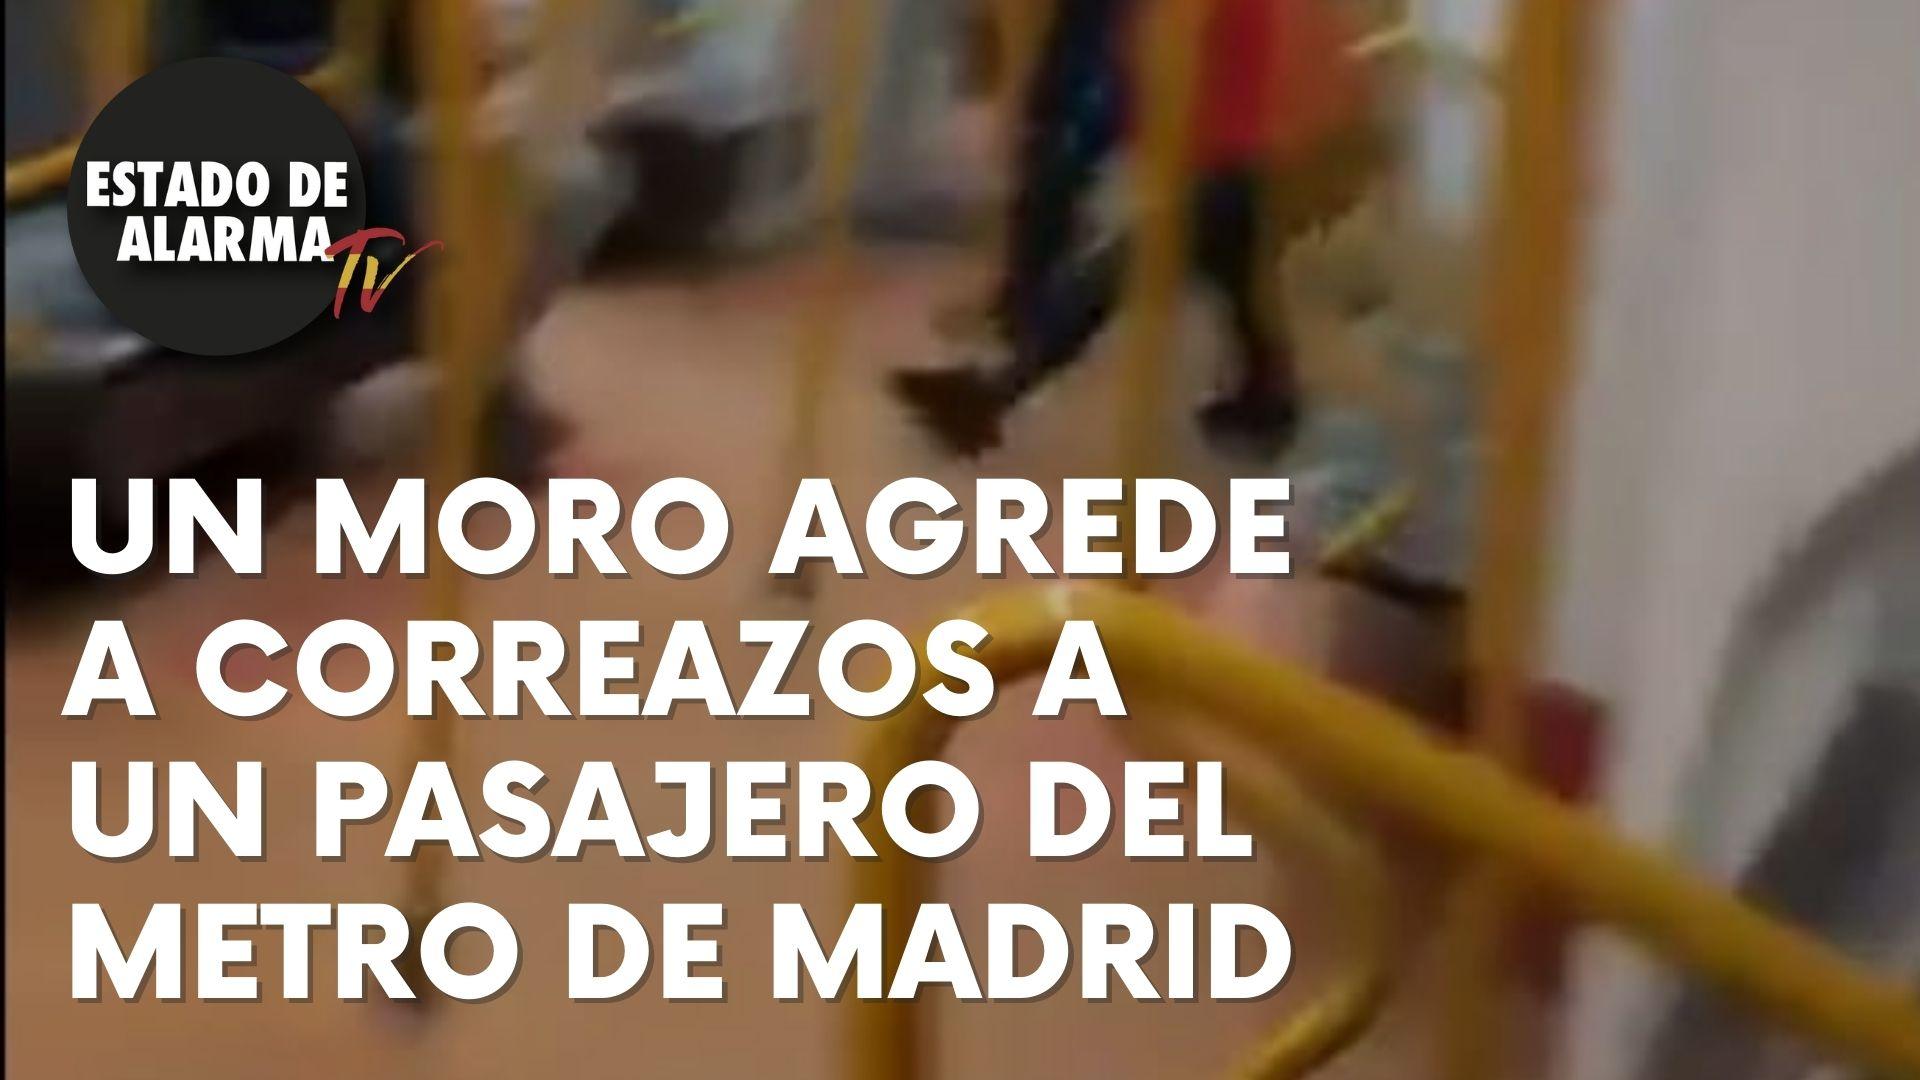 Un moro agrede a correazos a un pasajero del metro de Madrid